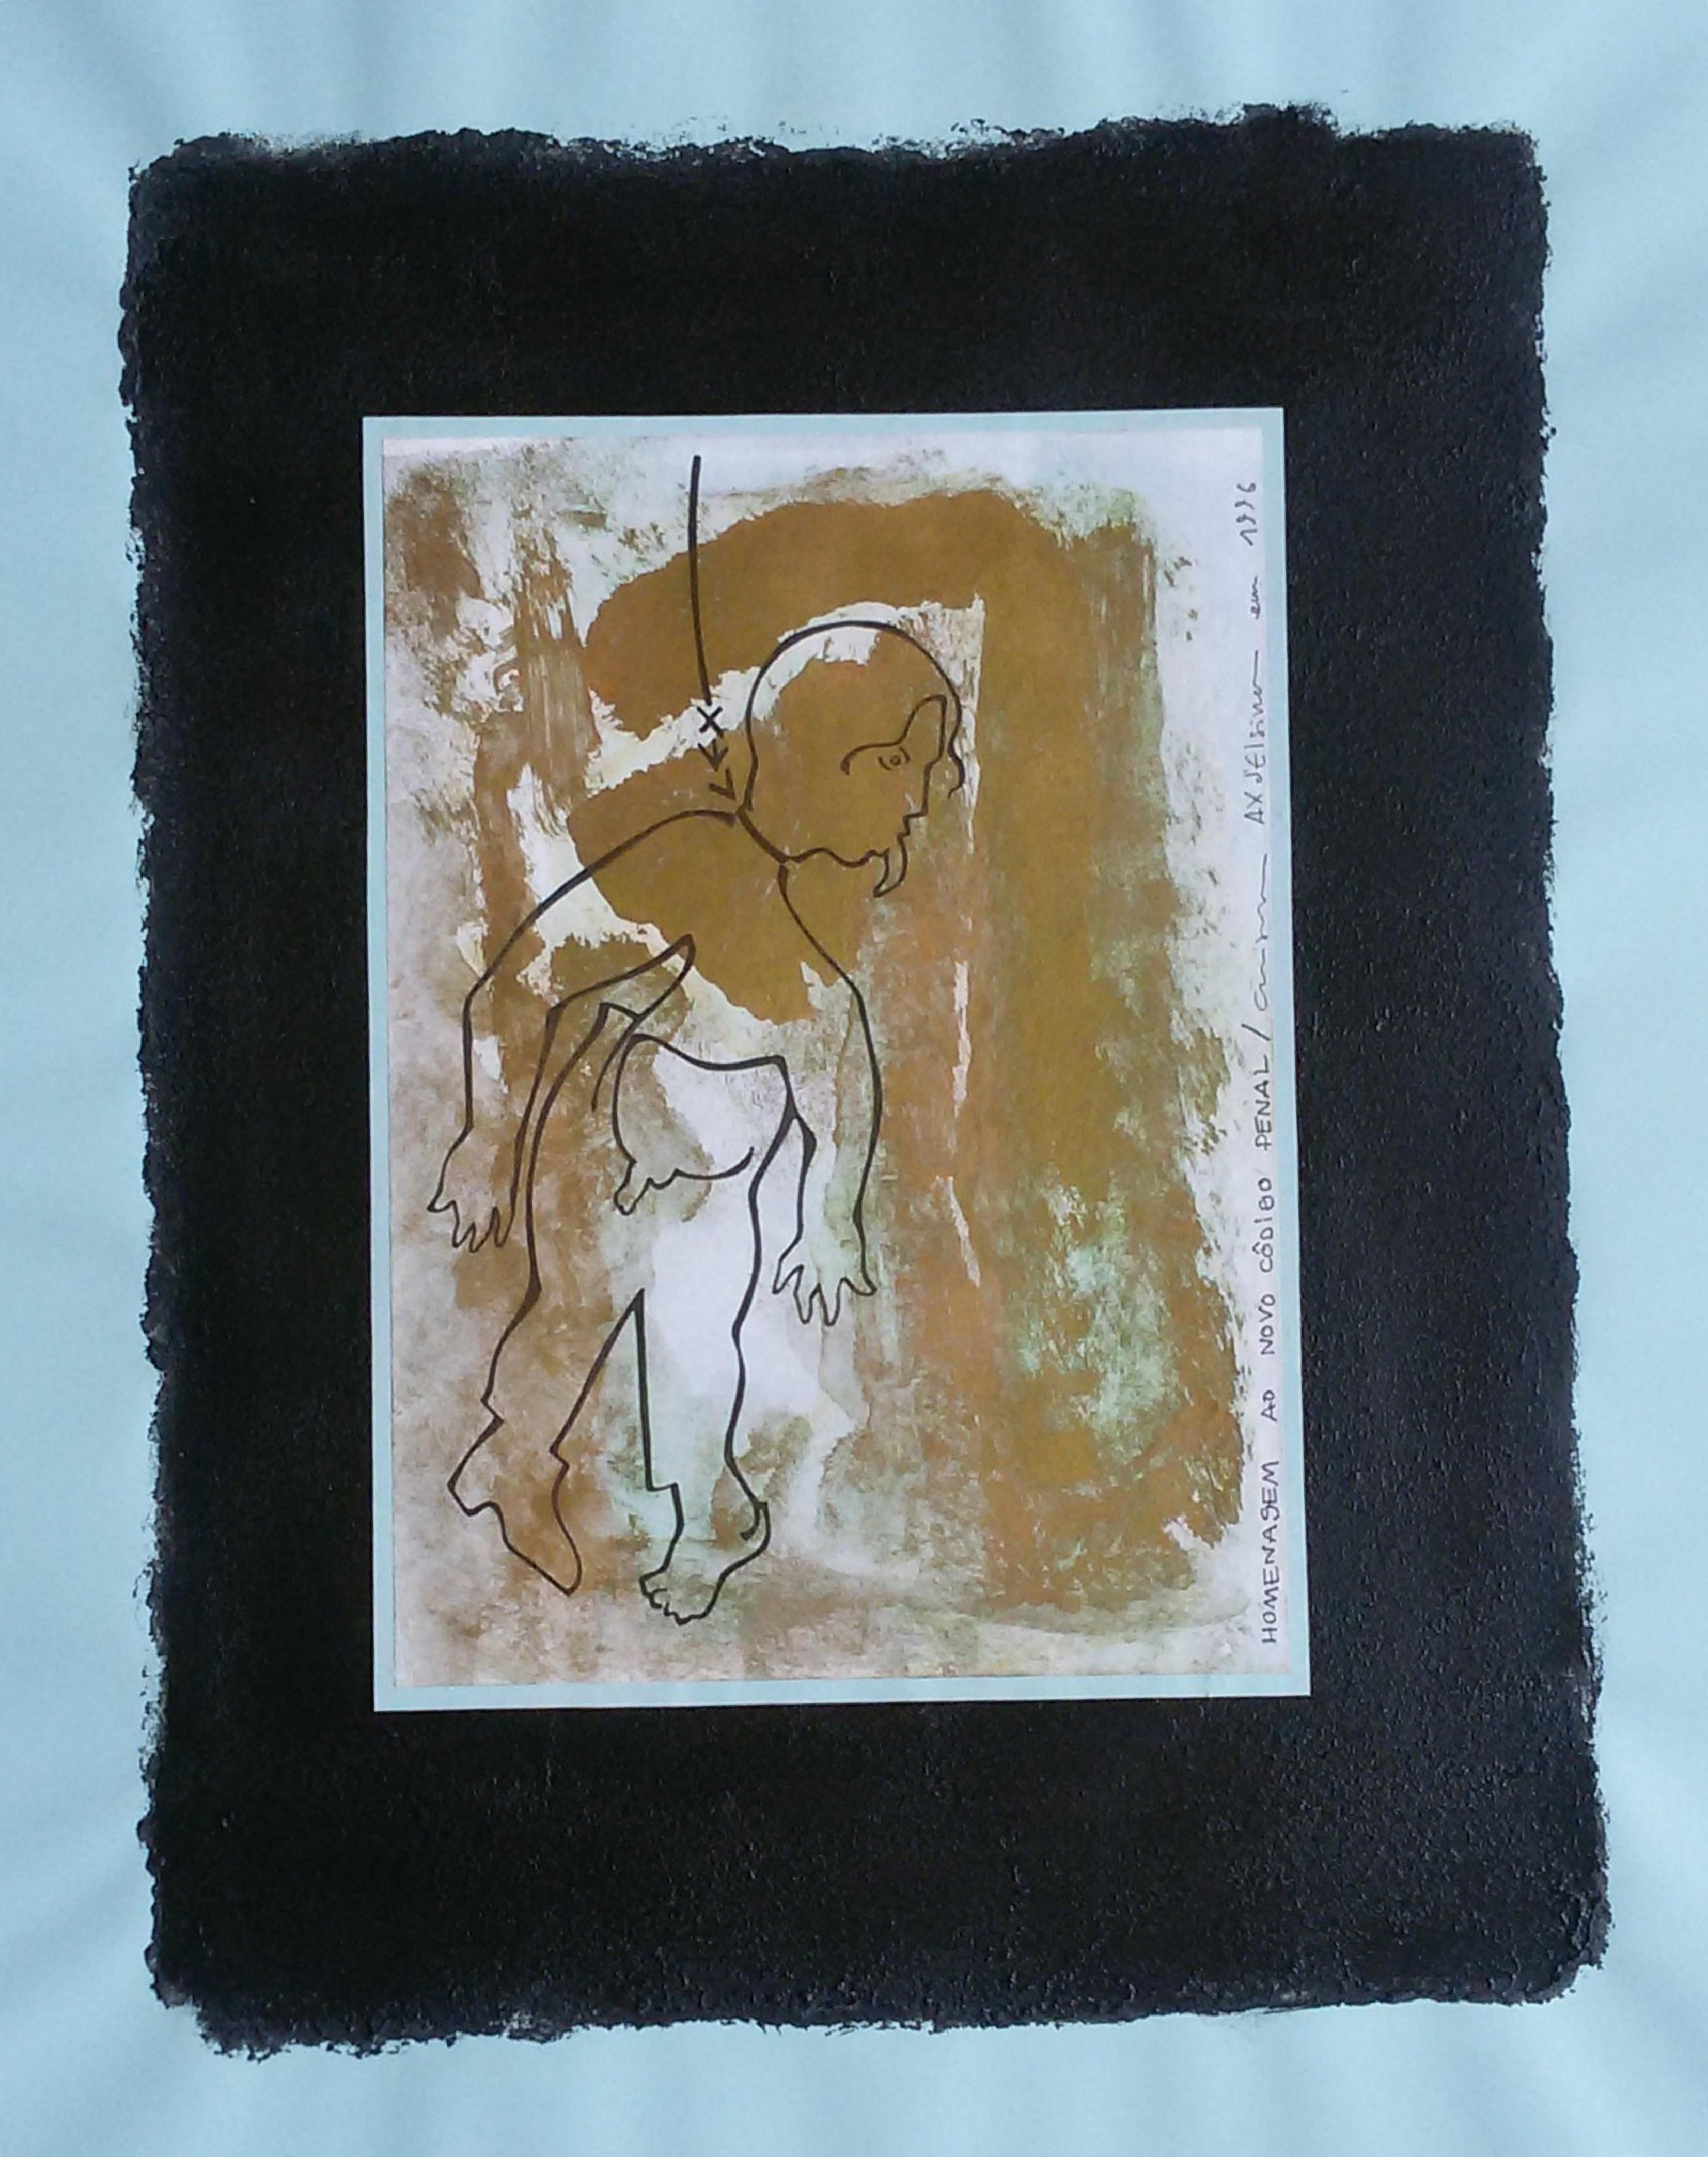 Ladislau da Regueira | Debuxar não é pintar  # Homenagem ao Novo Côdigo Penal | 1996